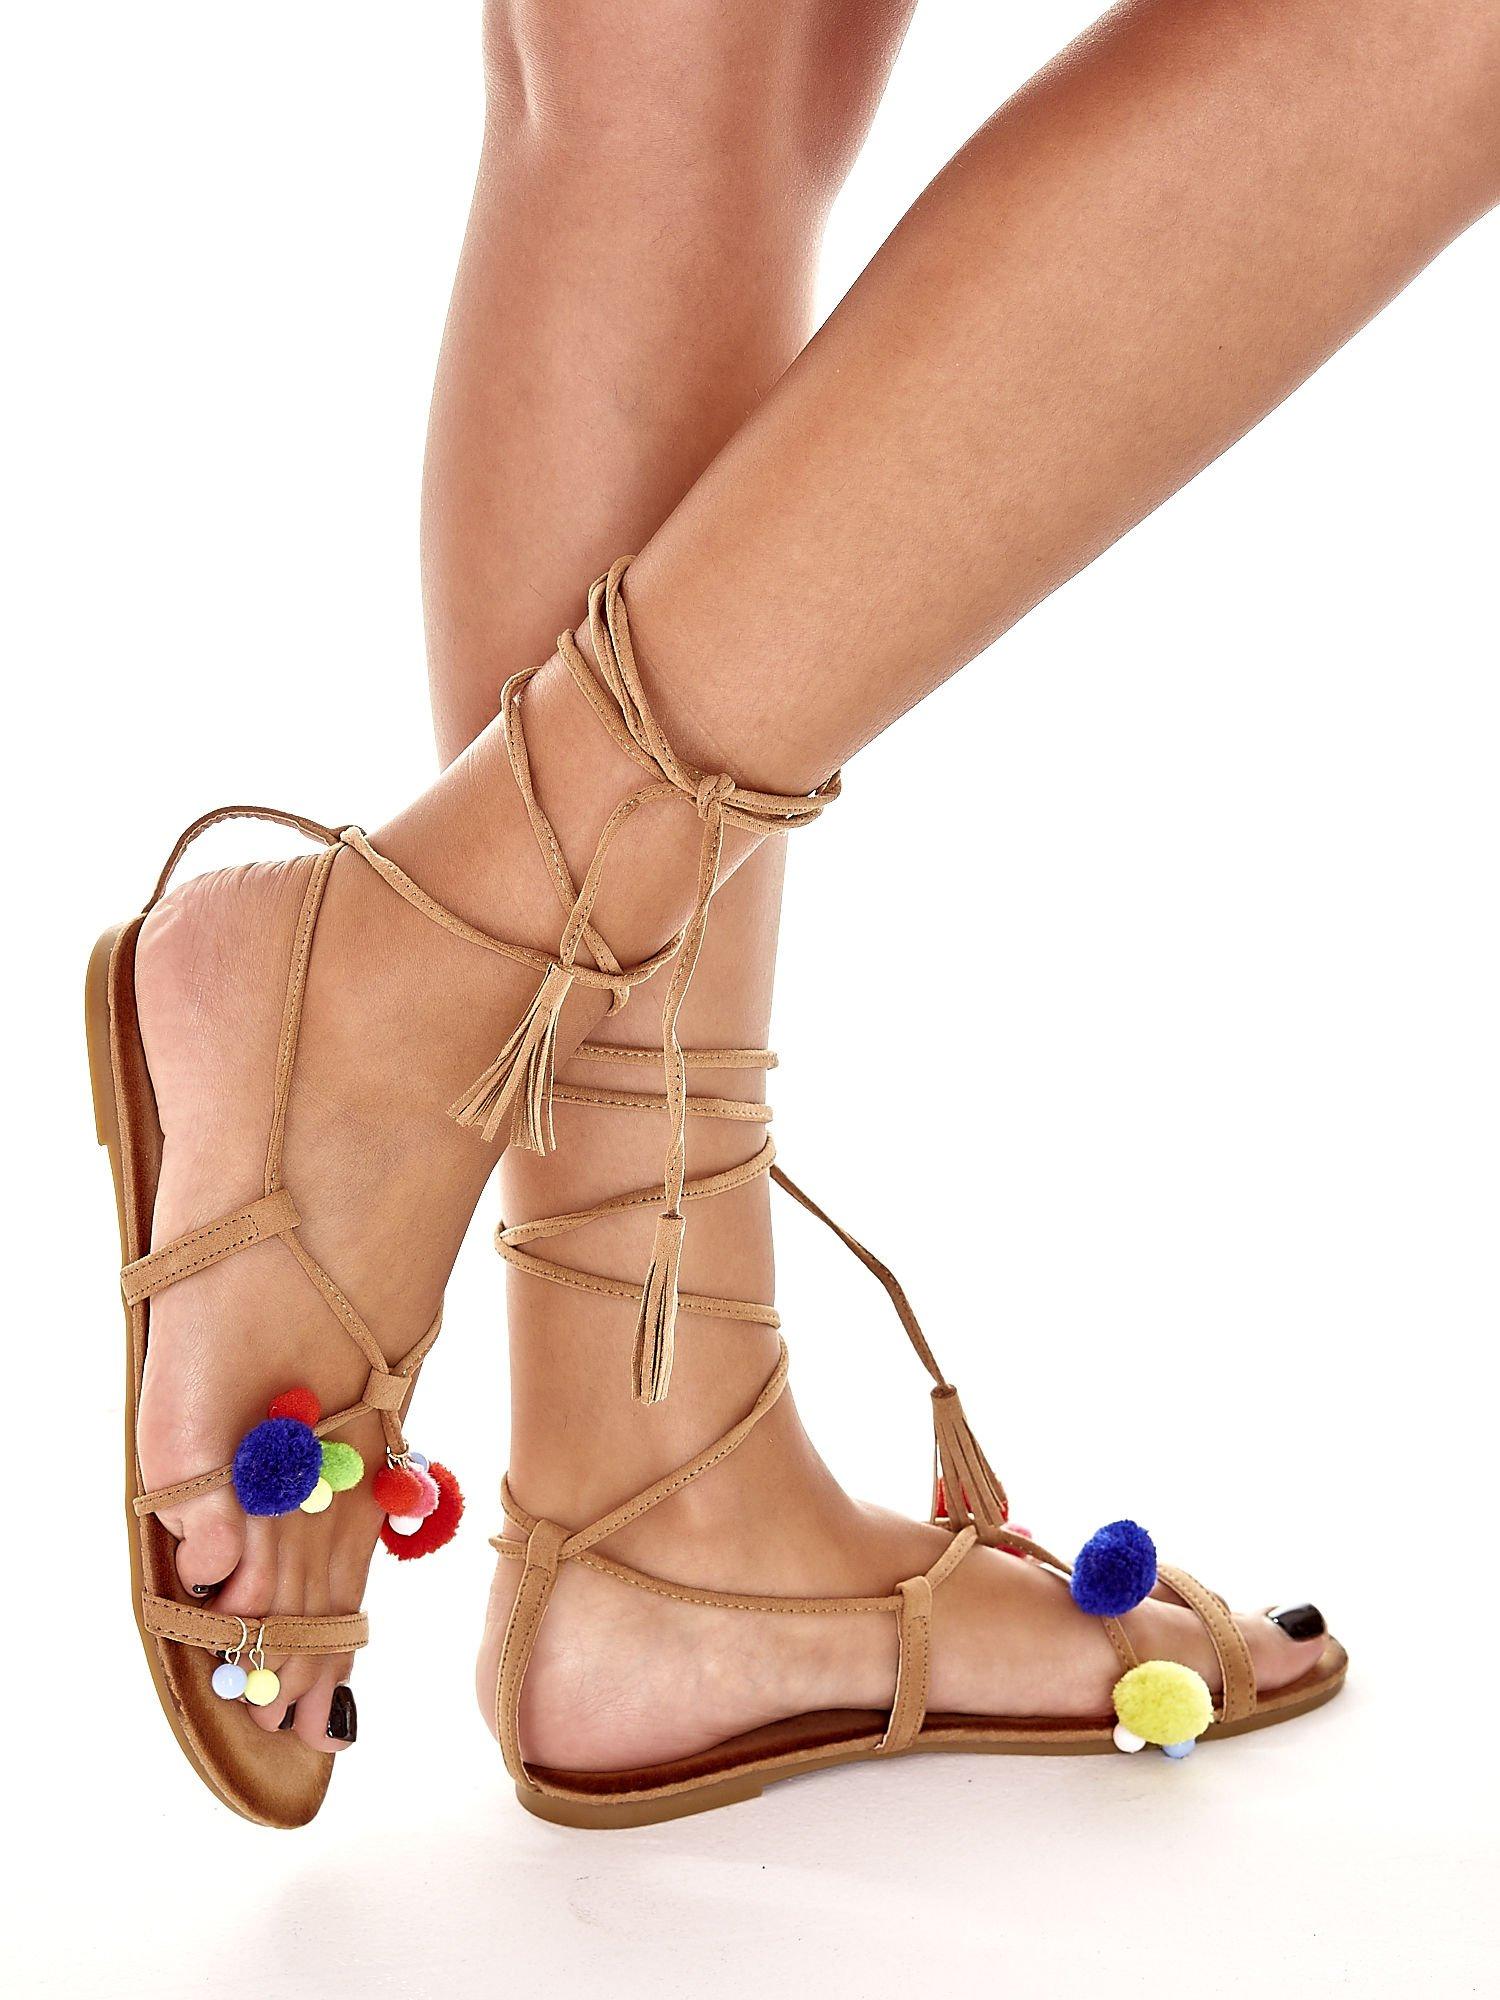 Karmelowe sandały damskie gladiatorki z pomponami                                  zdj.                                  4